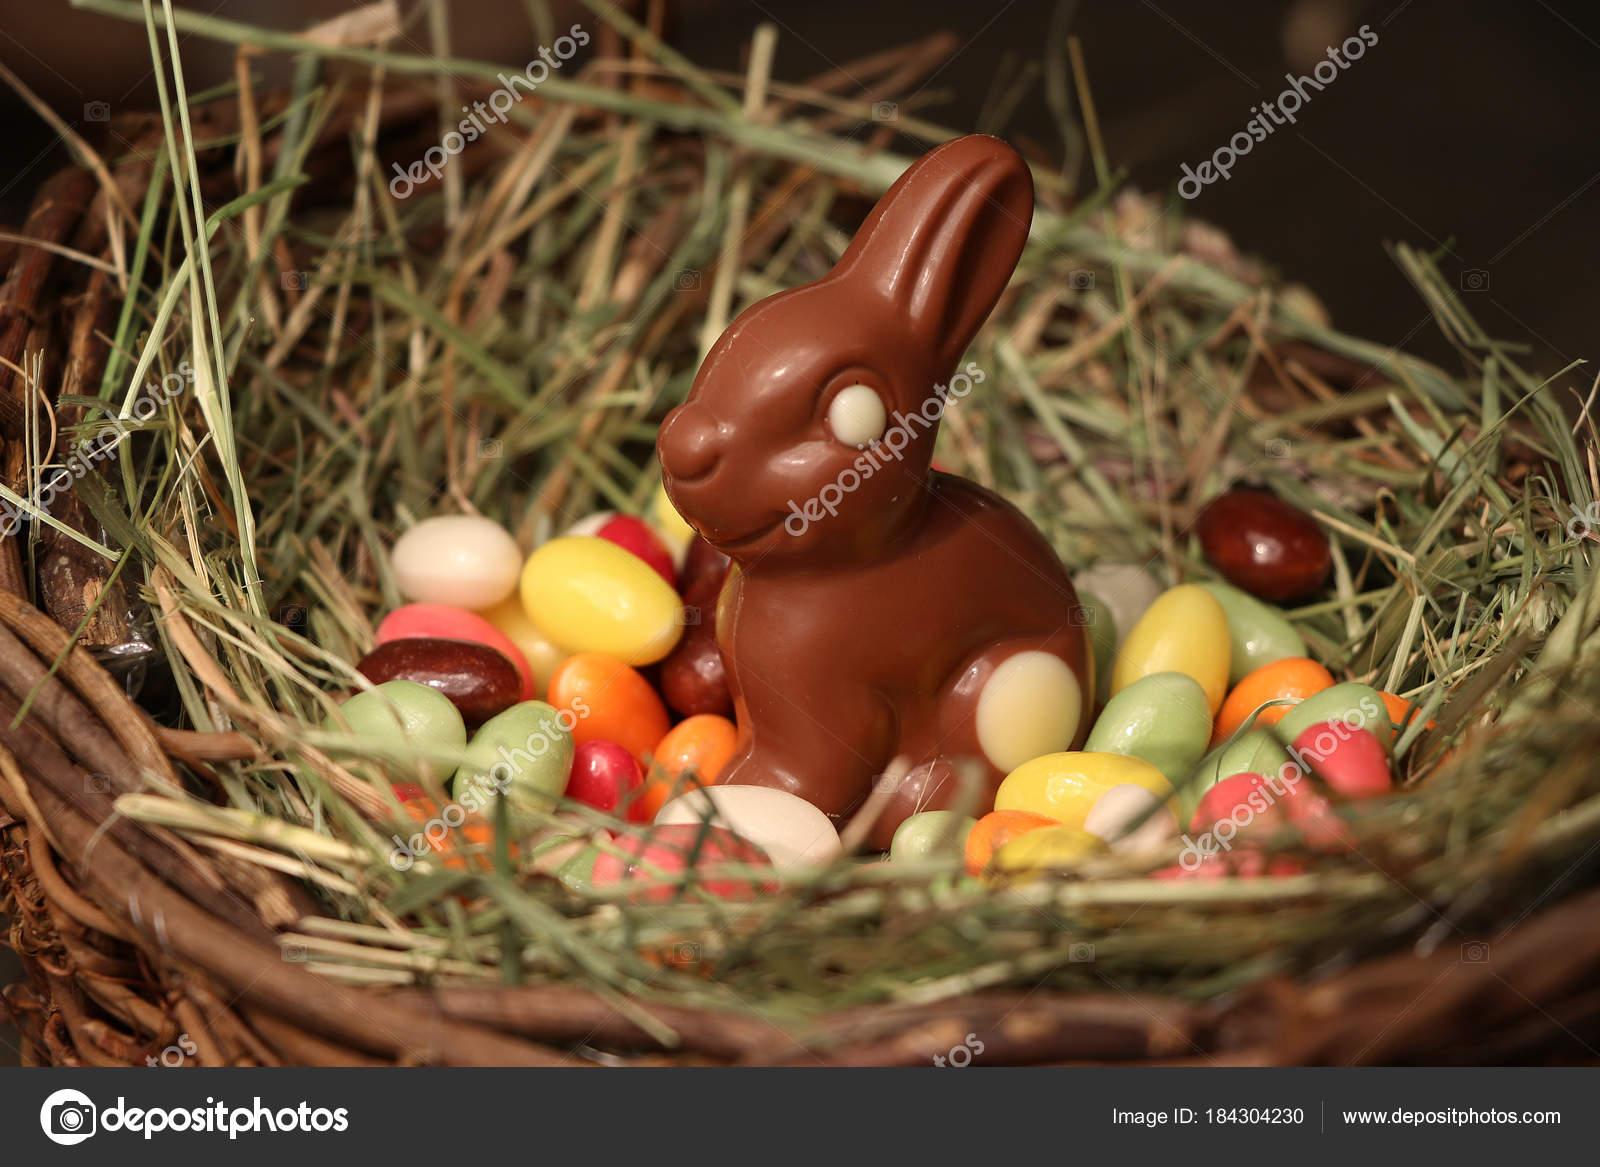 Chocolat lapin p ques dans panier photographie samueljoerg 184304230 - Chocolat de paques pas cher ...